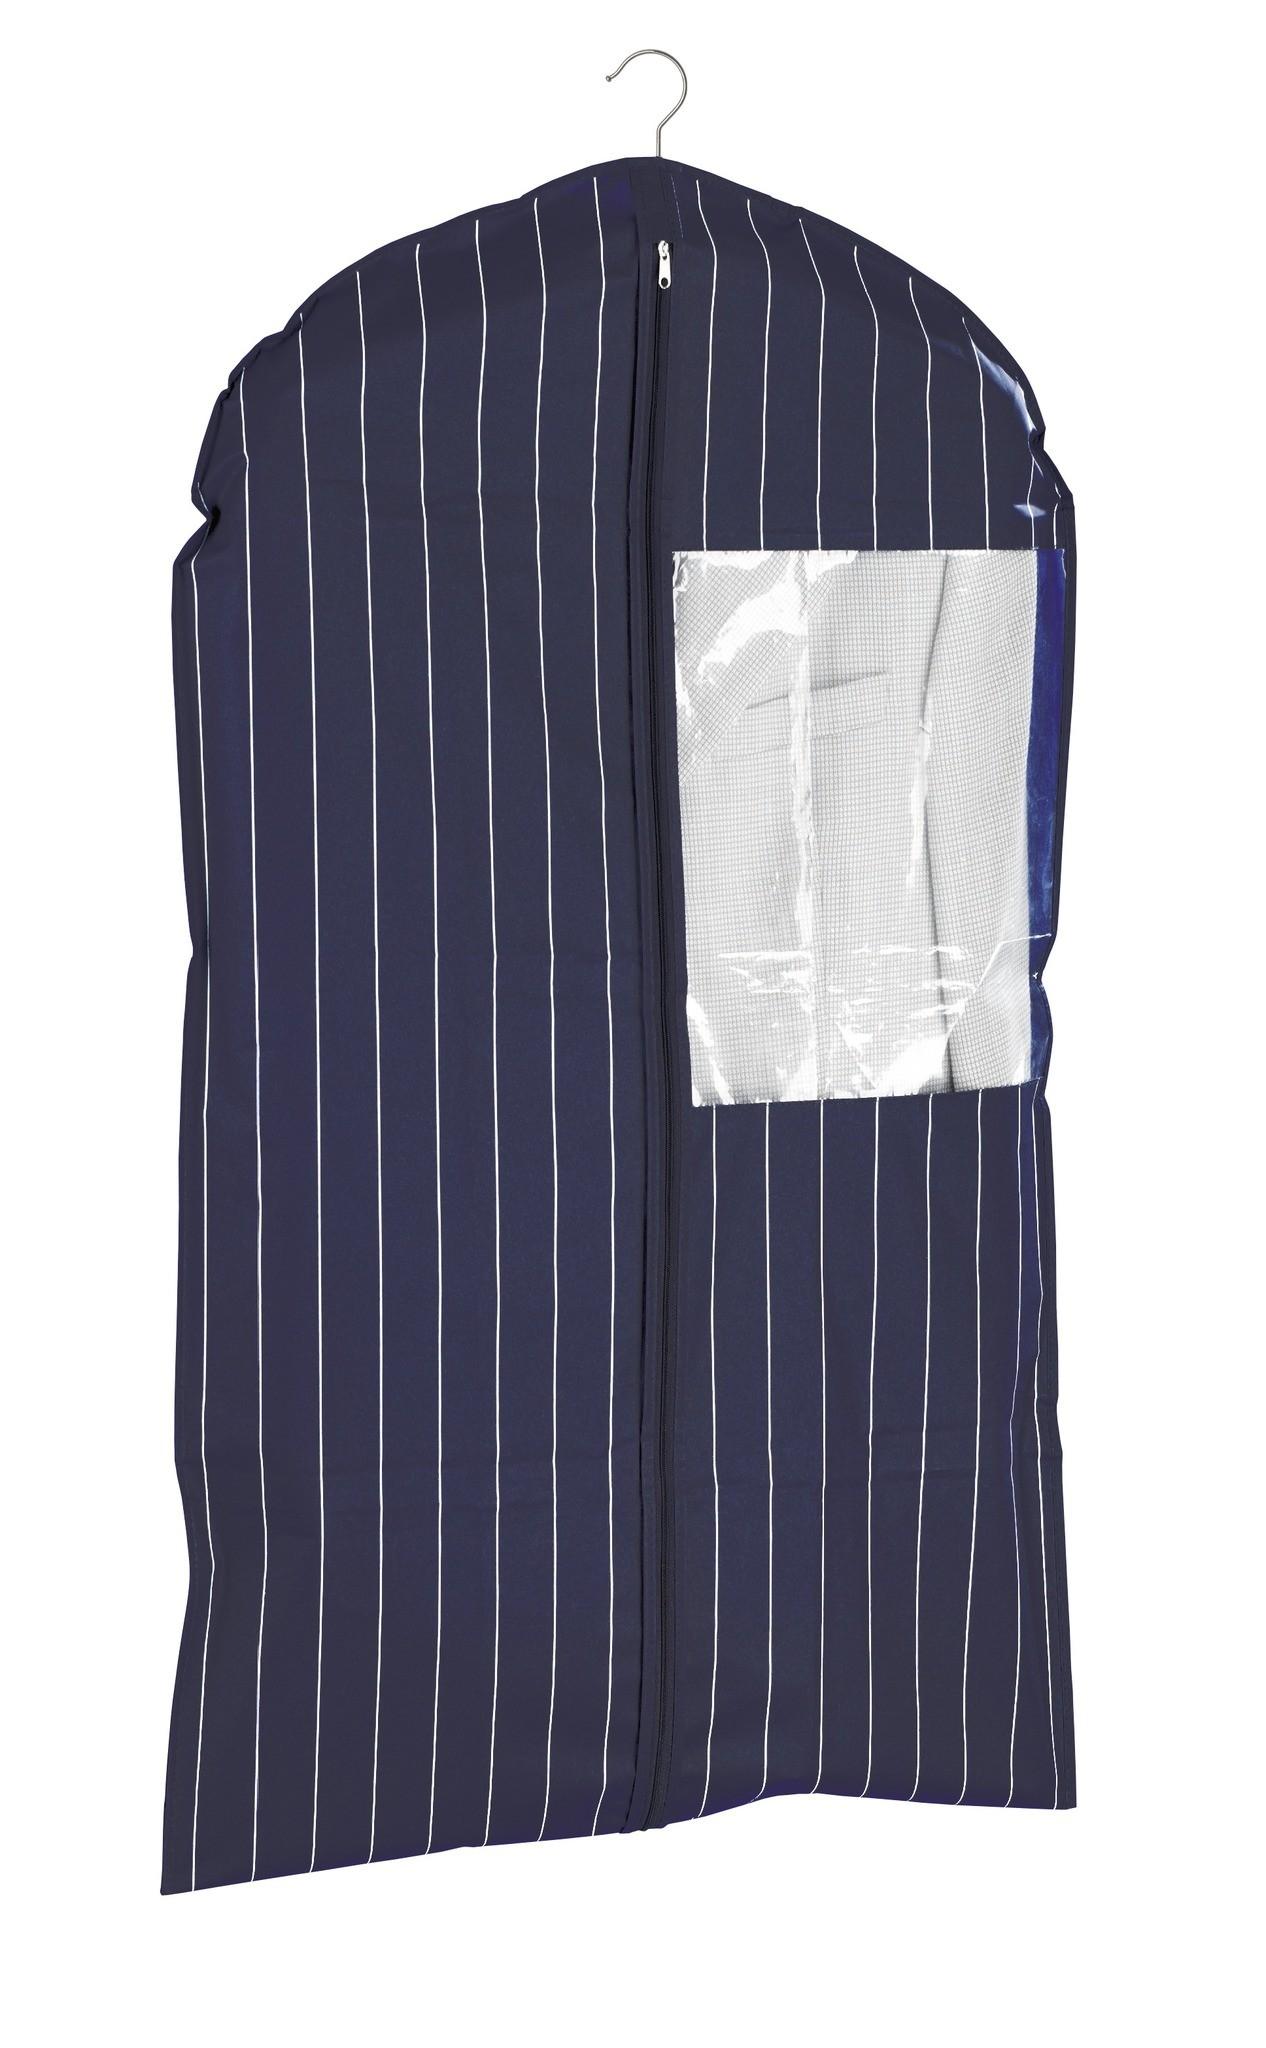 Kleidersack Comfort 100x60 cm, 5er Set